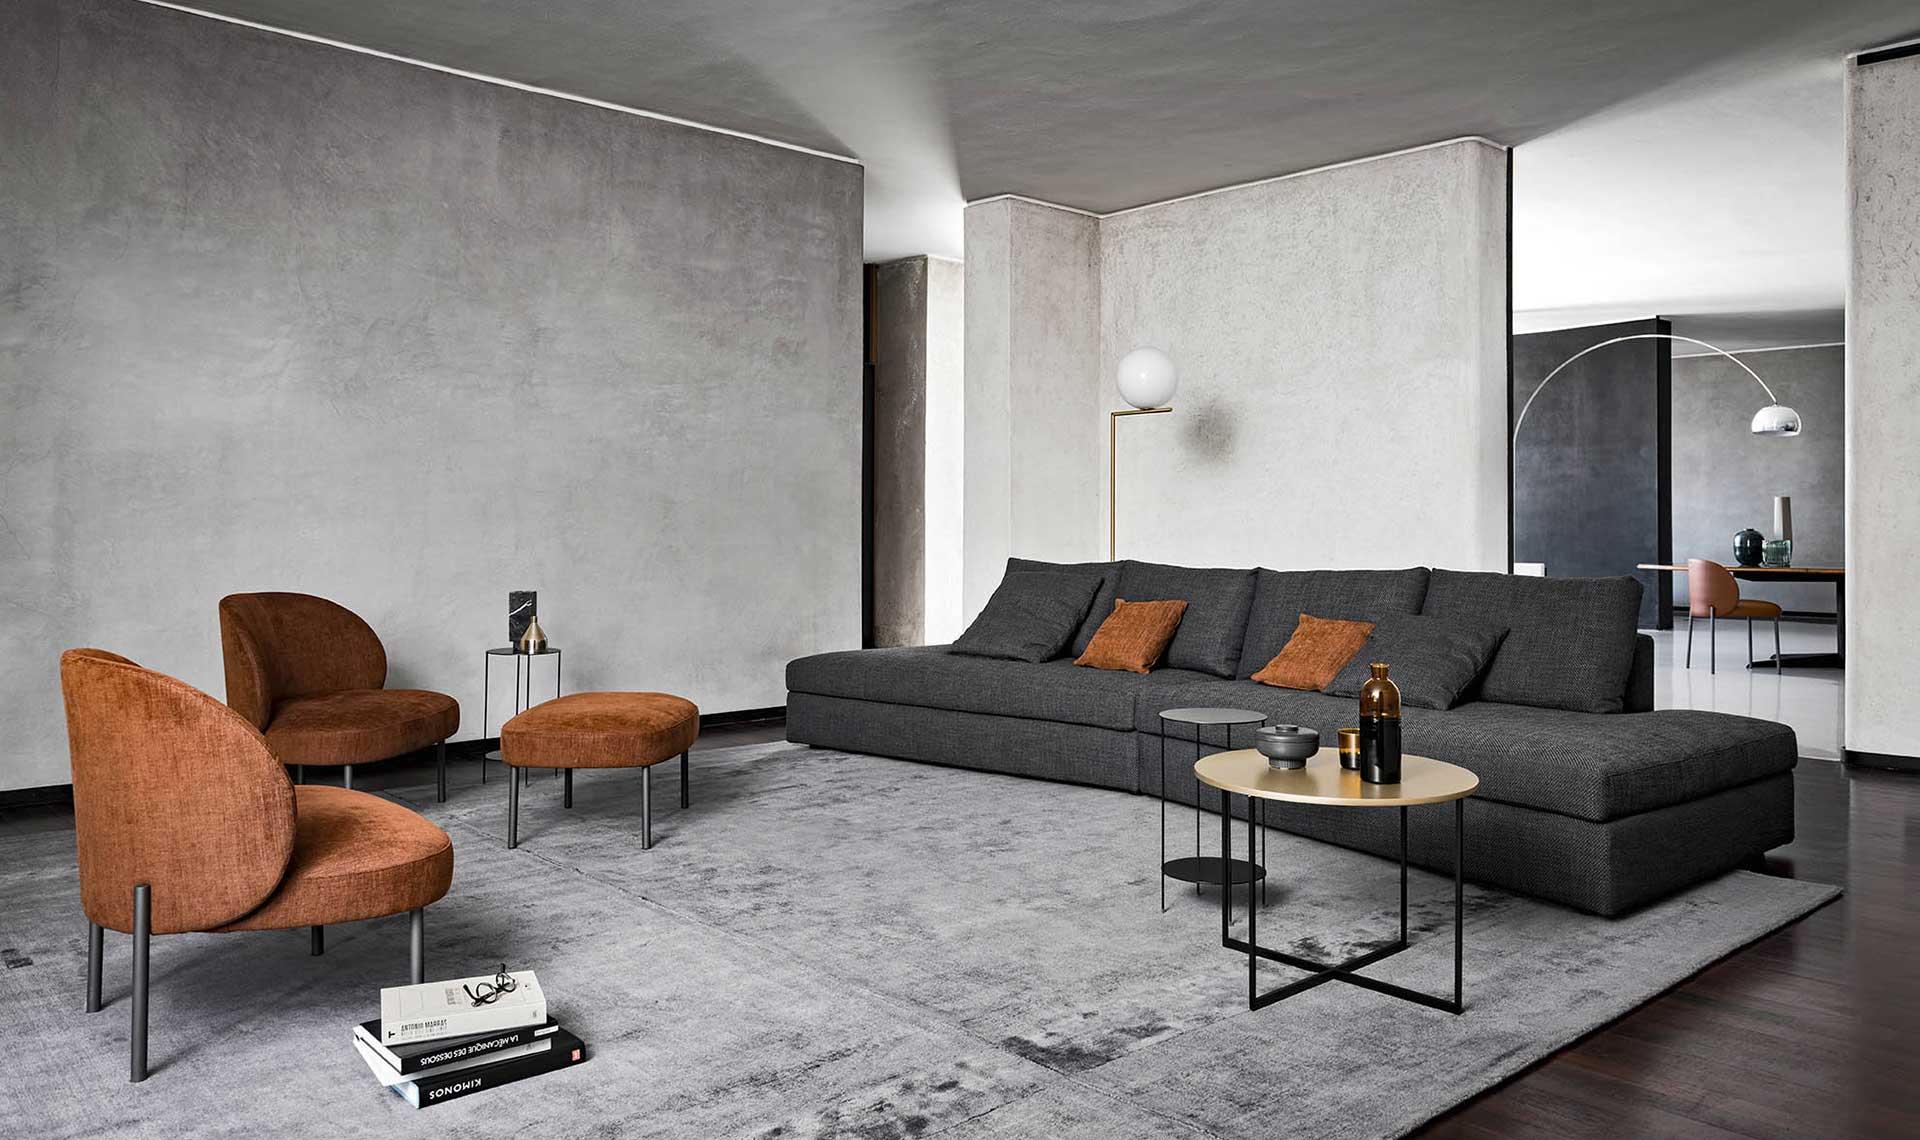 Divani Moderni Pelle Design.Divani California Design Moderno Alf Dafre